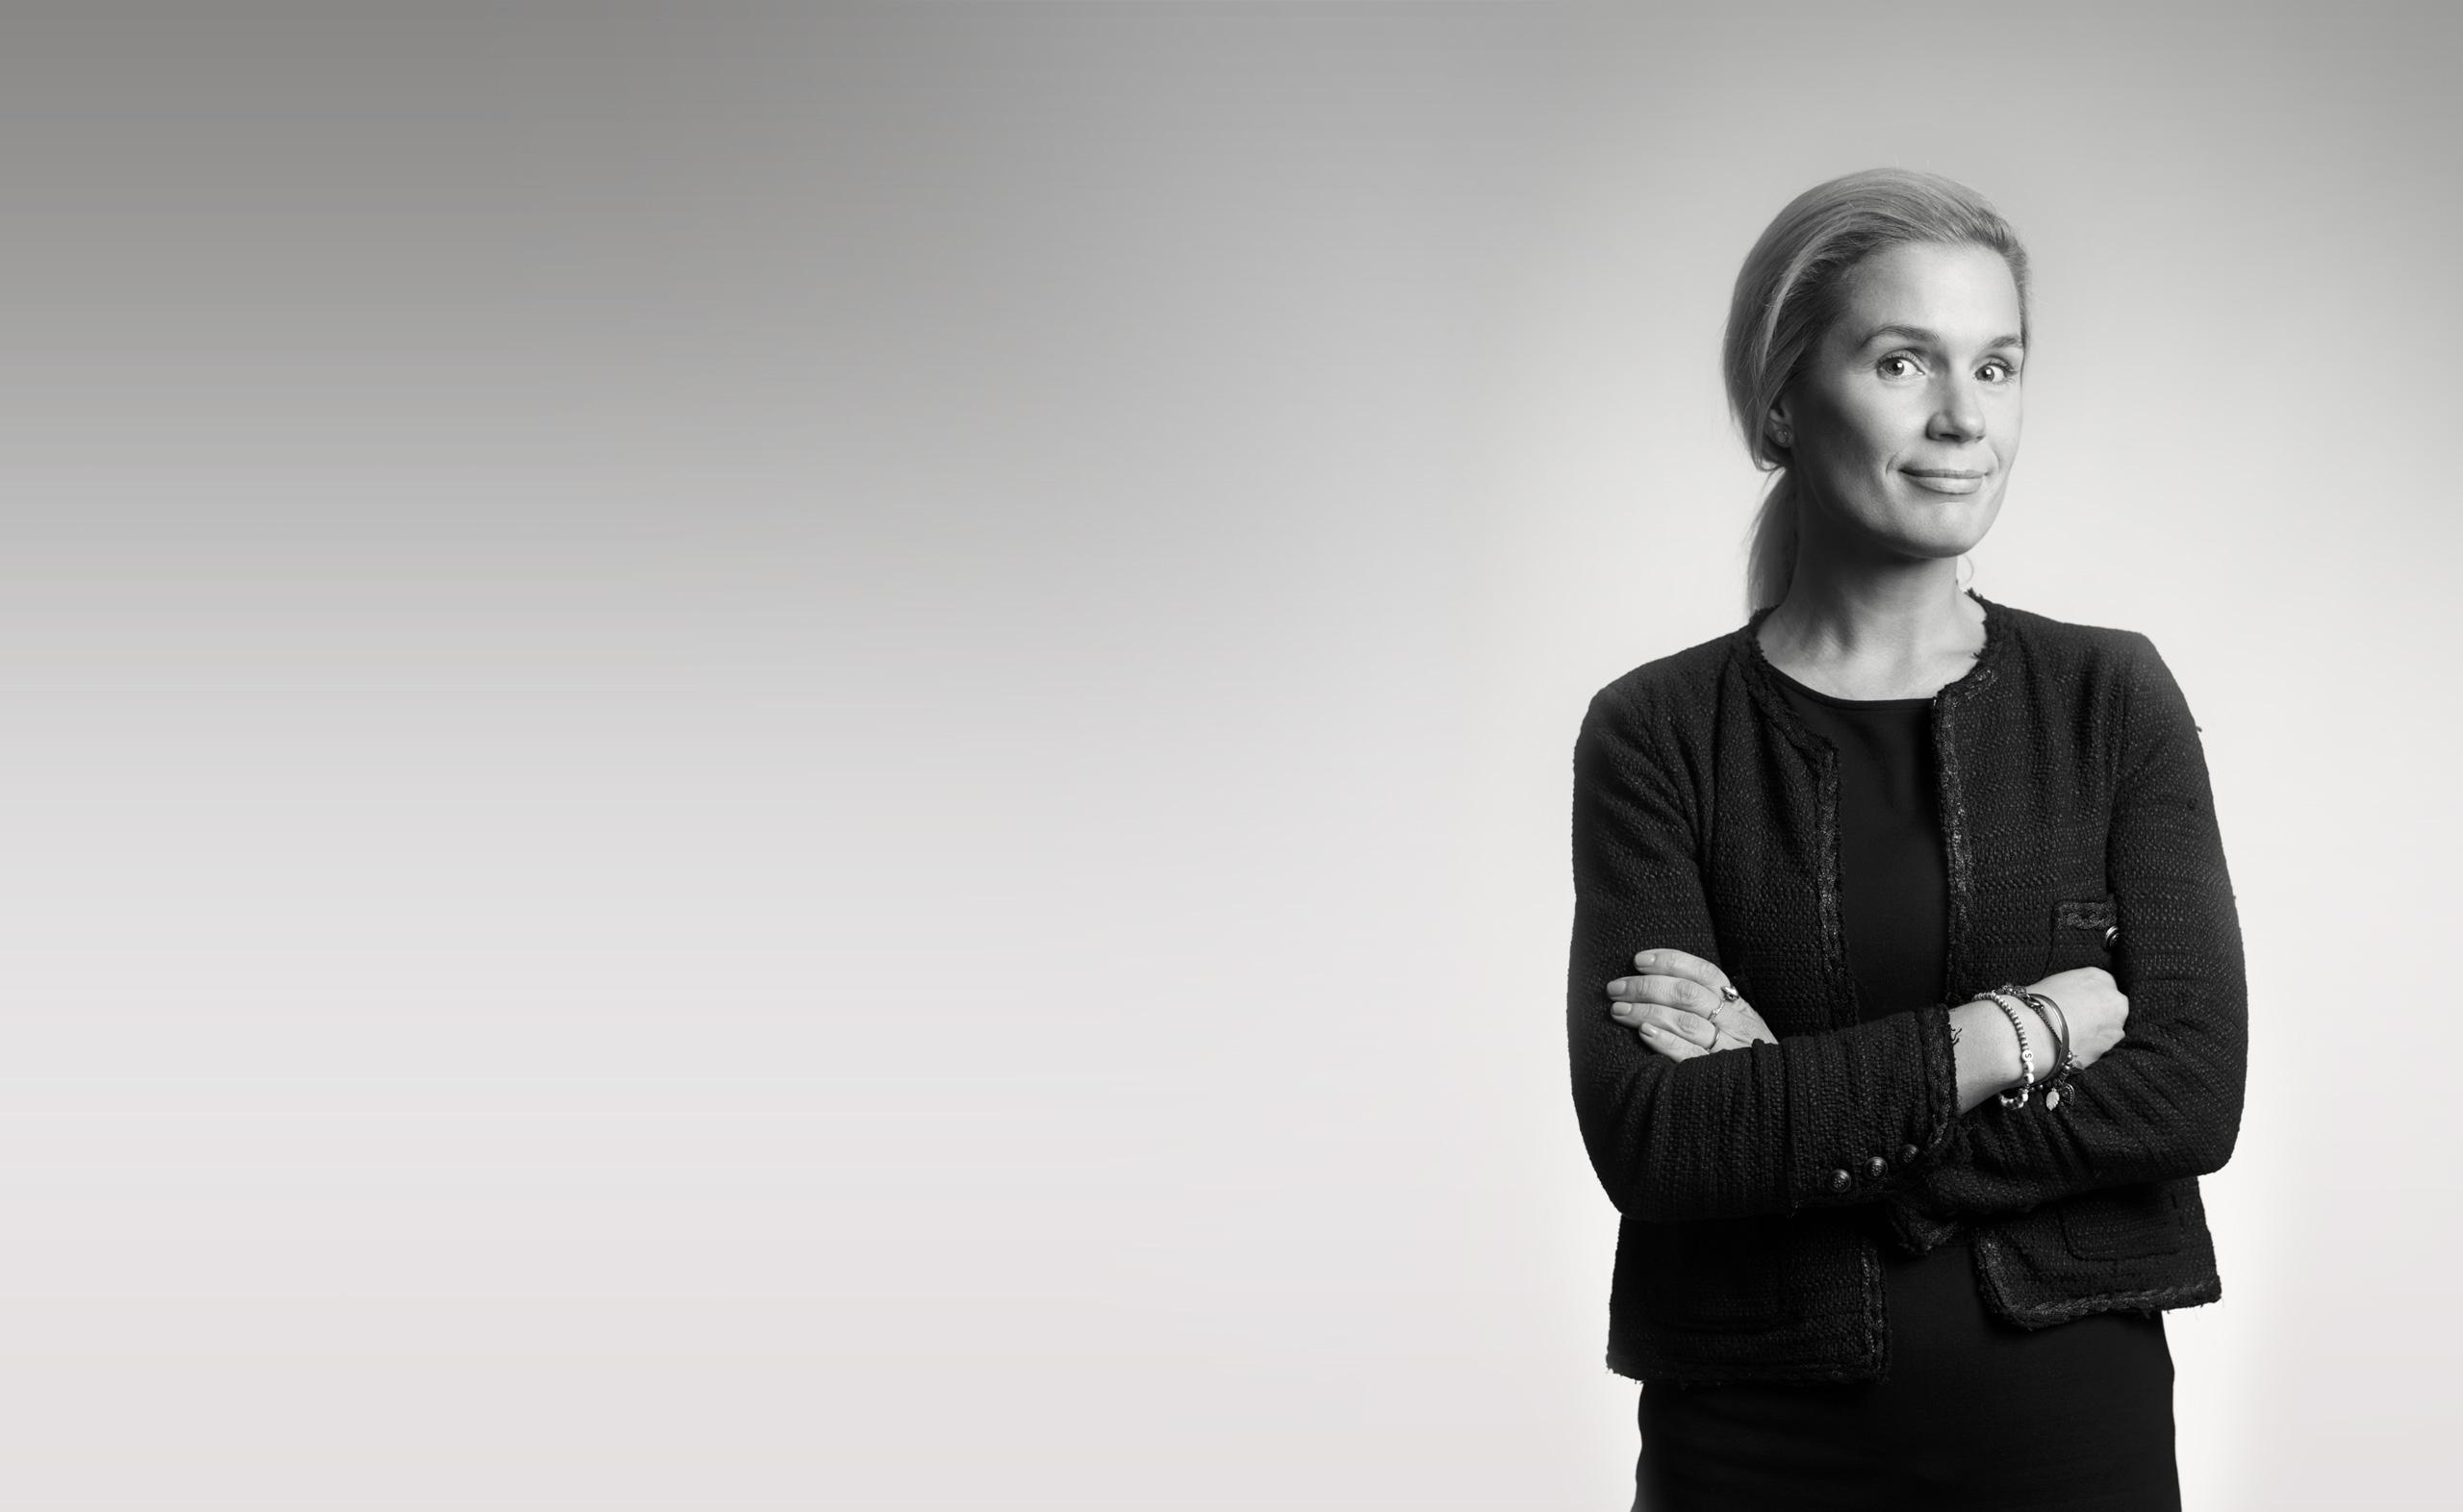 Charlotta Larsson, Reg. fastighetsmäklare på Södermalm